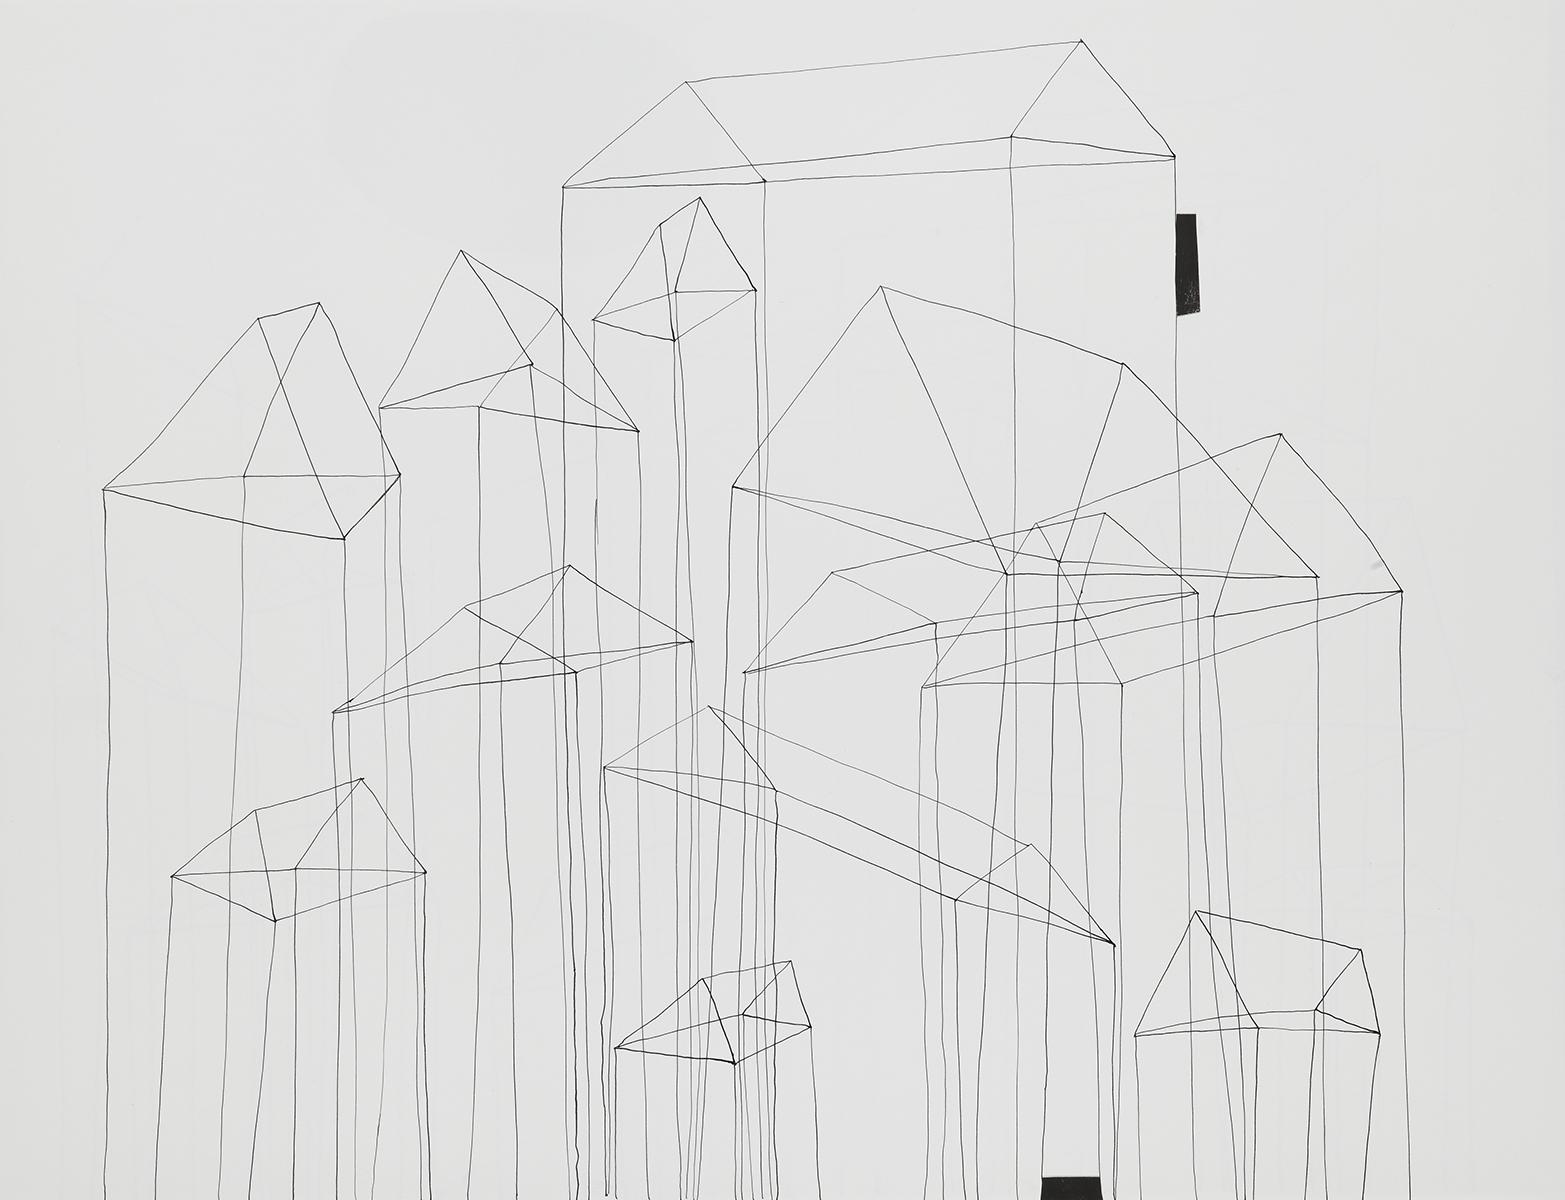 Huis 9 - Oost-Indische inkt & houtskool - 50 x 70 cm